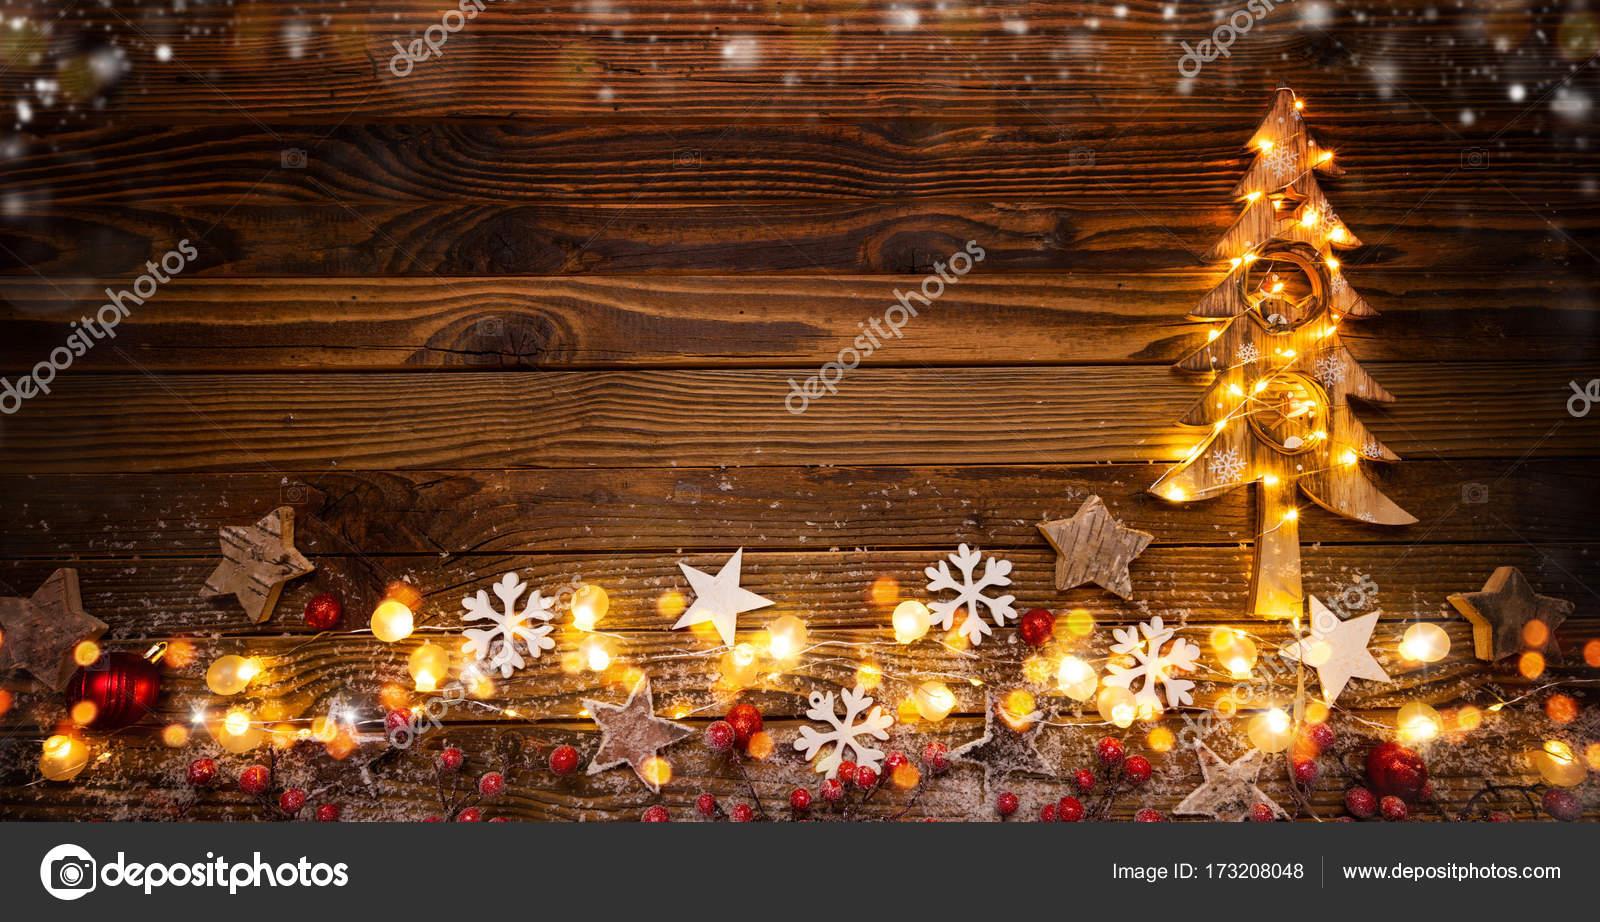 Weihnachten Hintergrund mit Holzdekorationen, Baum und vor Ort ligh ...